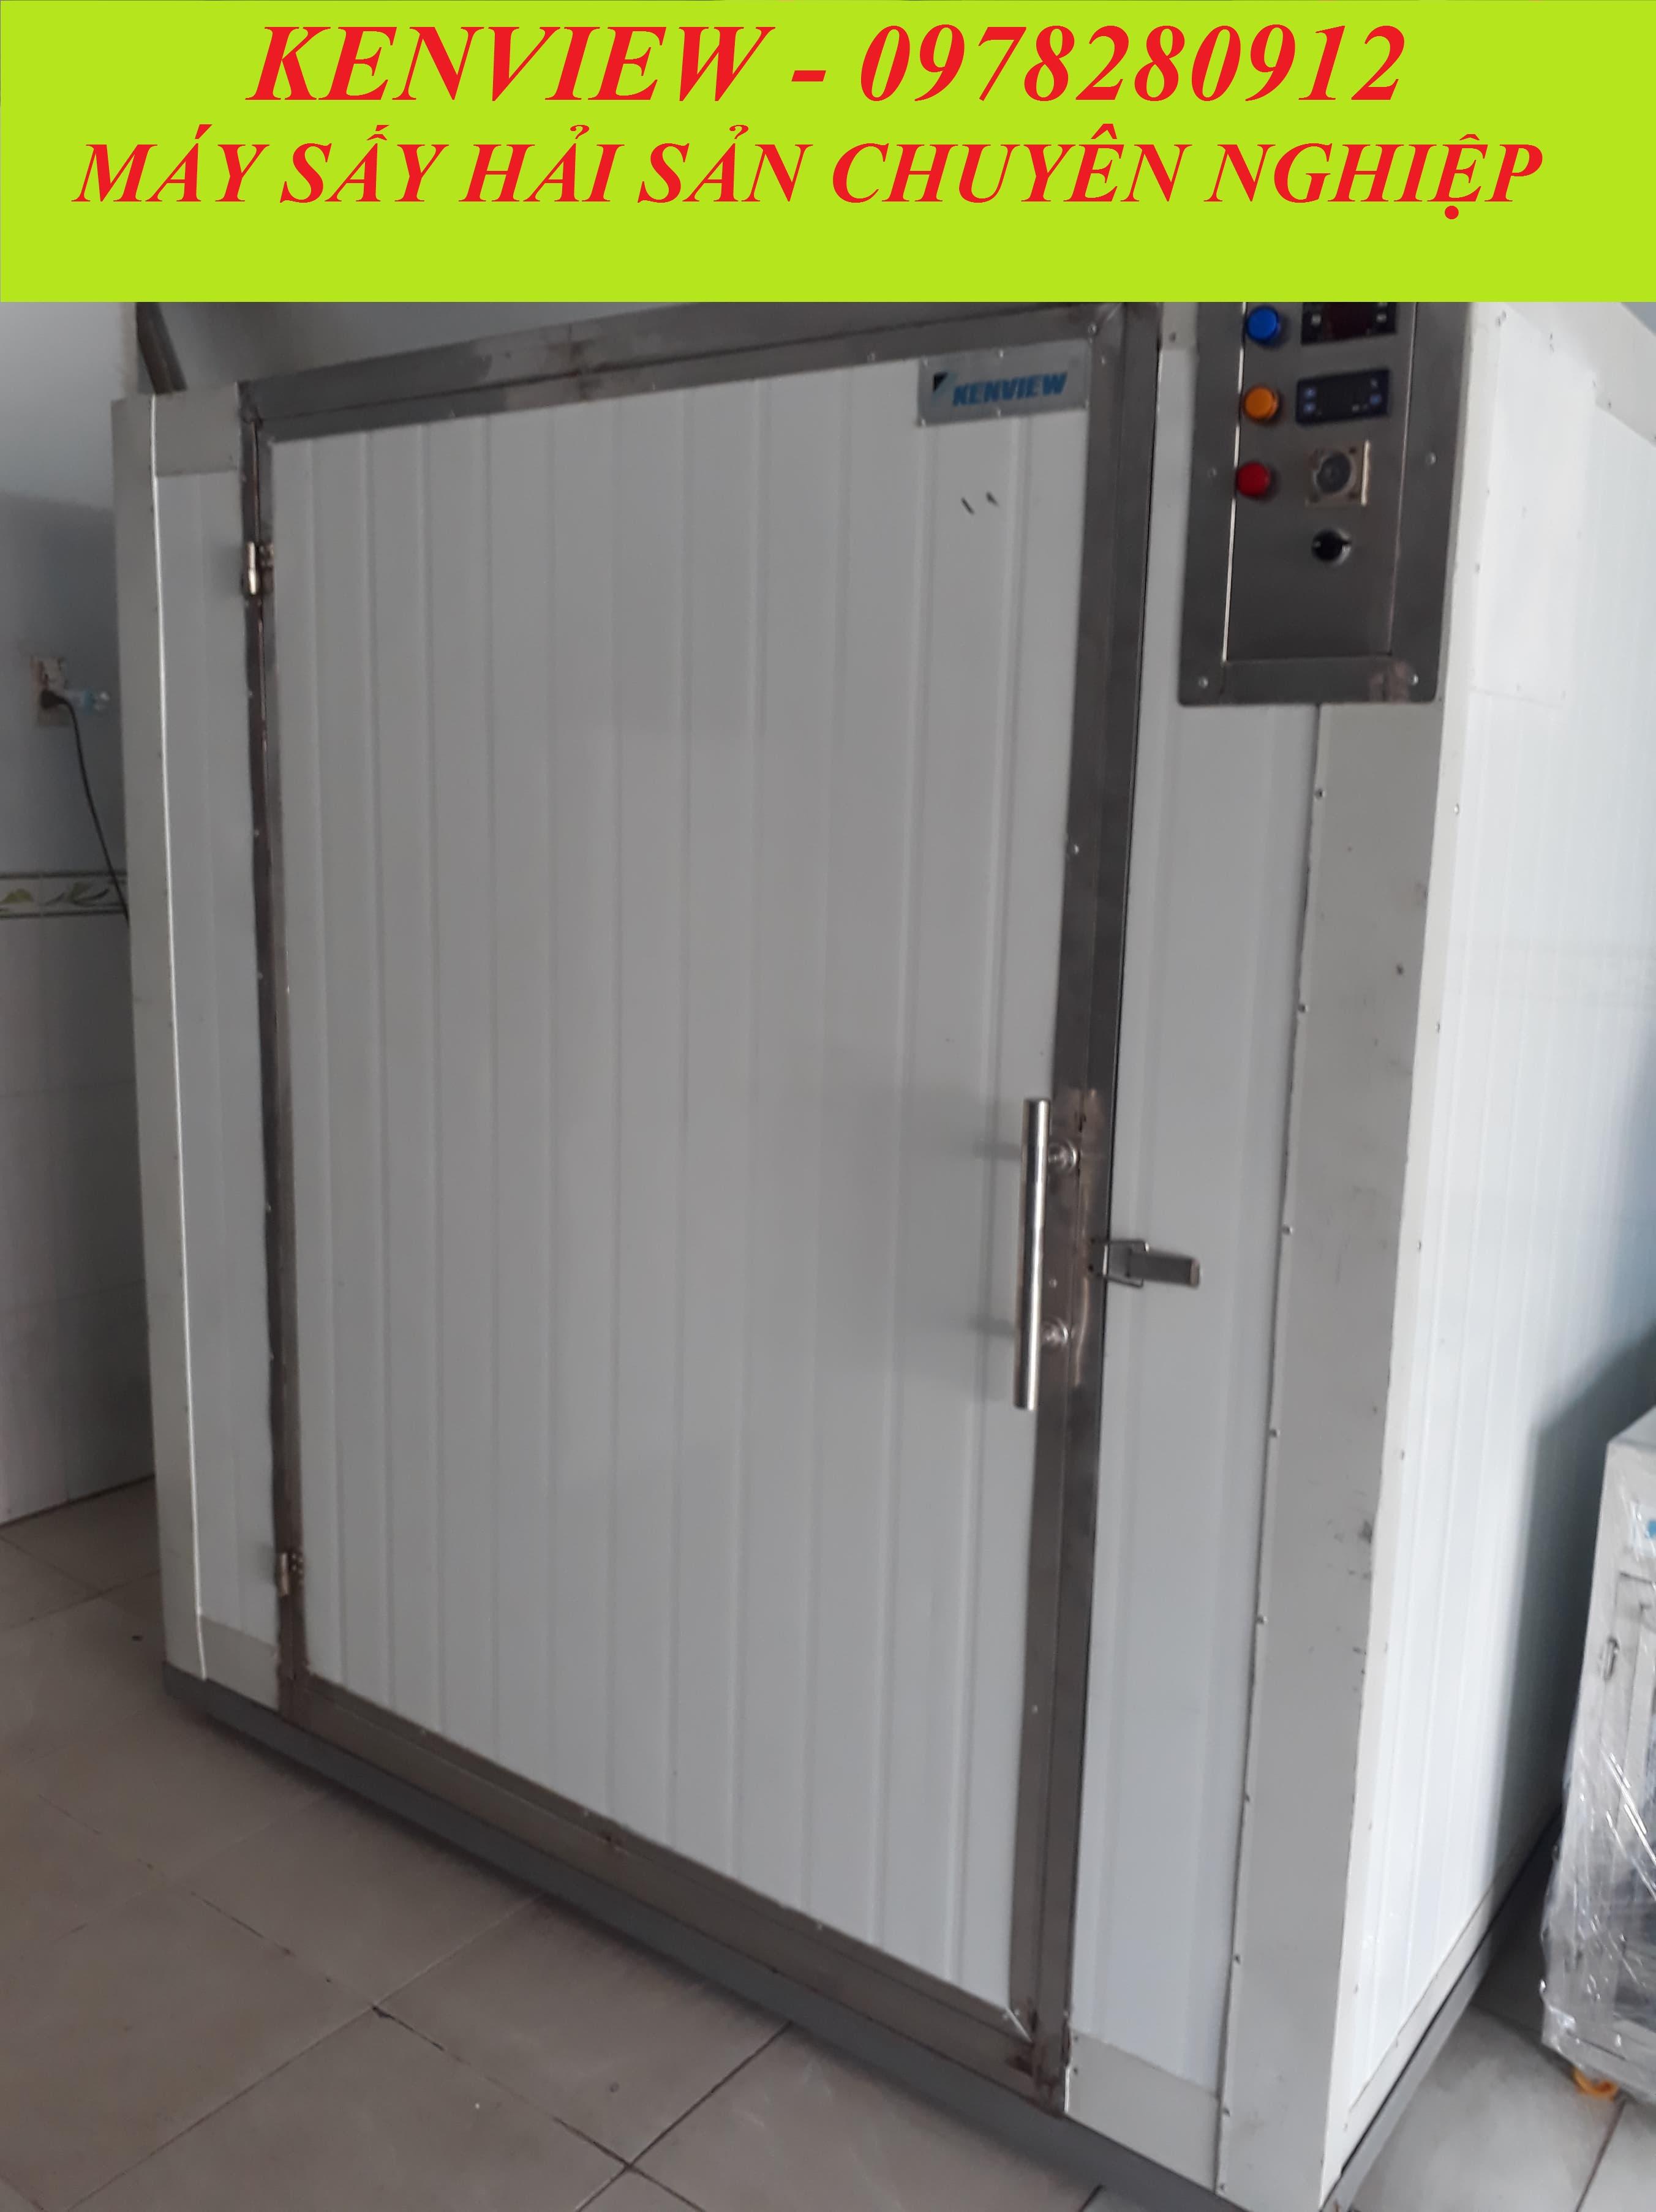 Cung cấp máy sấy cá khô, máy sấy tôm khô tại Cà mau.